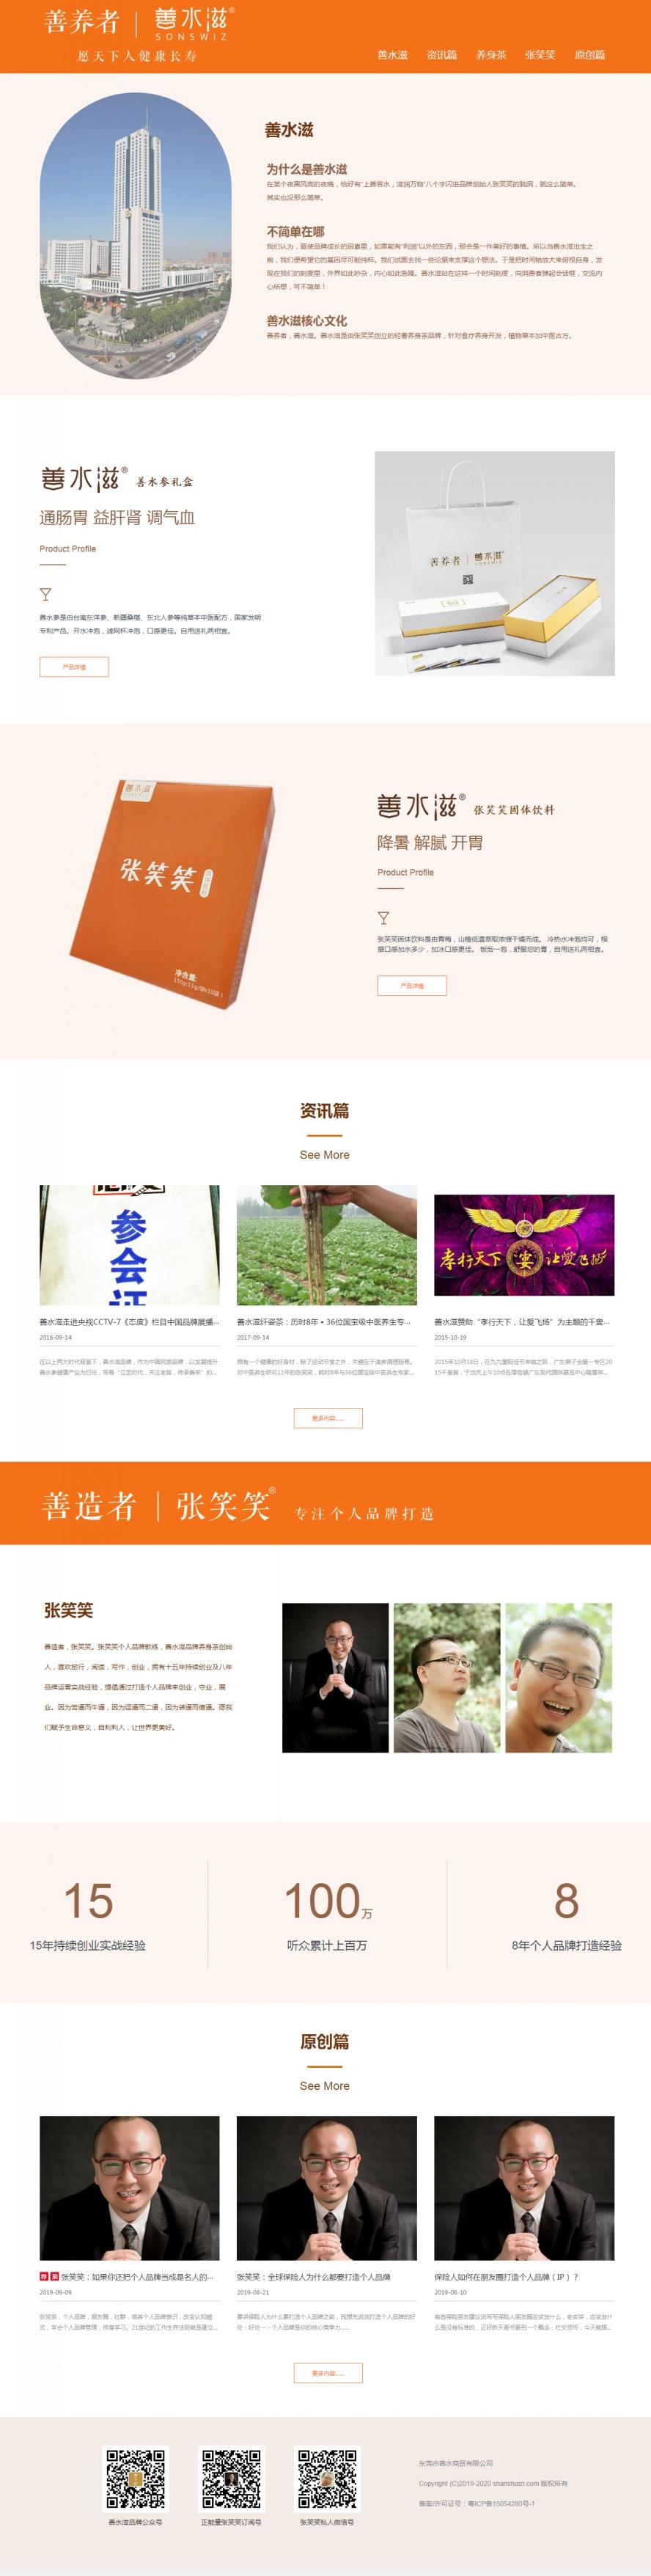 品牌網站建設案例